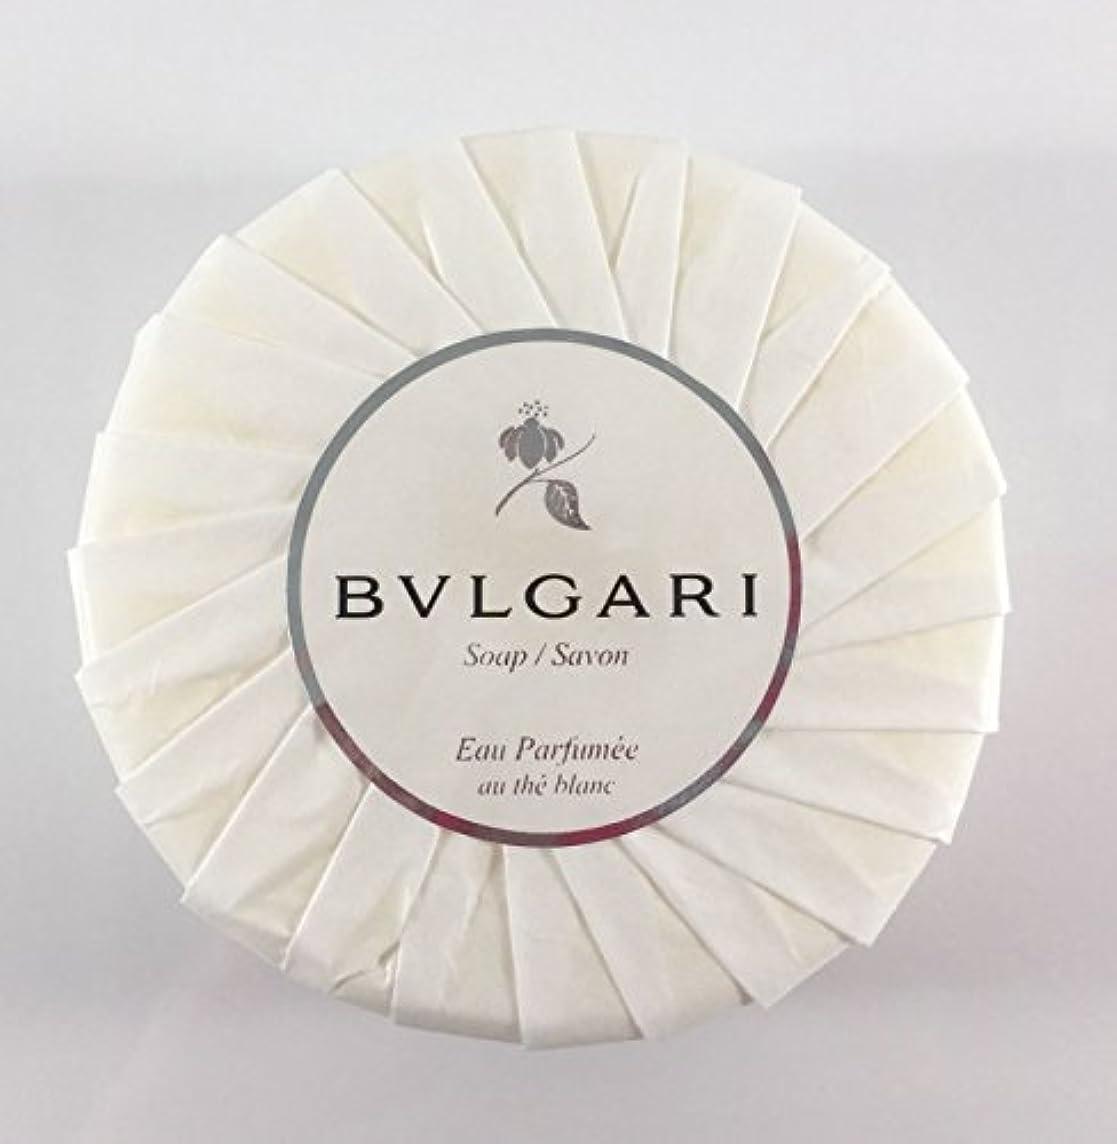 剃る生命体フェリーブルガリ オ?パフメ オーテブラン デラックスソープ150g BVLGARI Bvlgari Eau Parfumee au the blanc White Soap